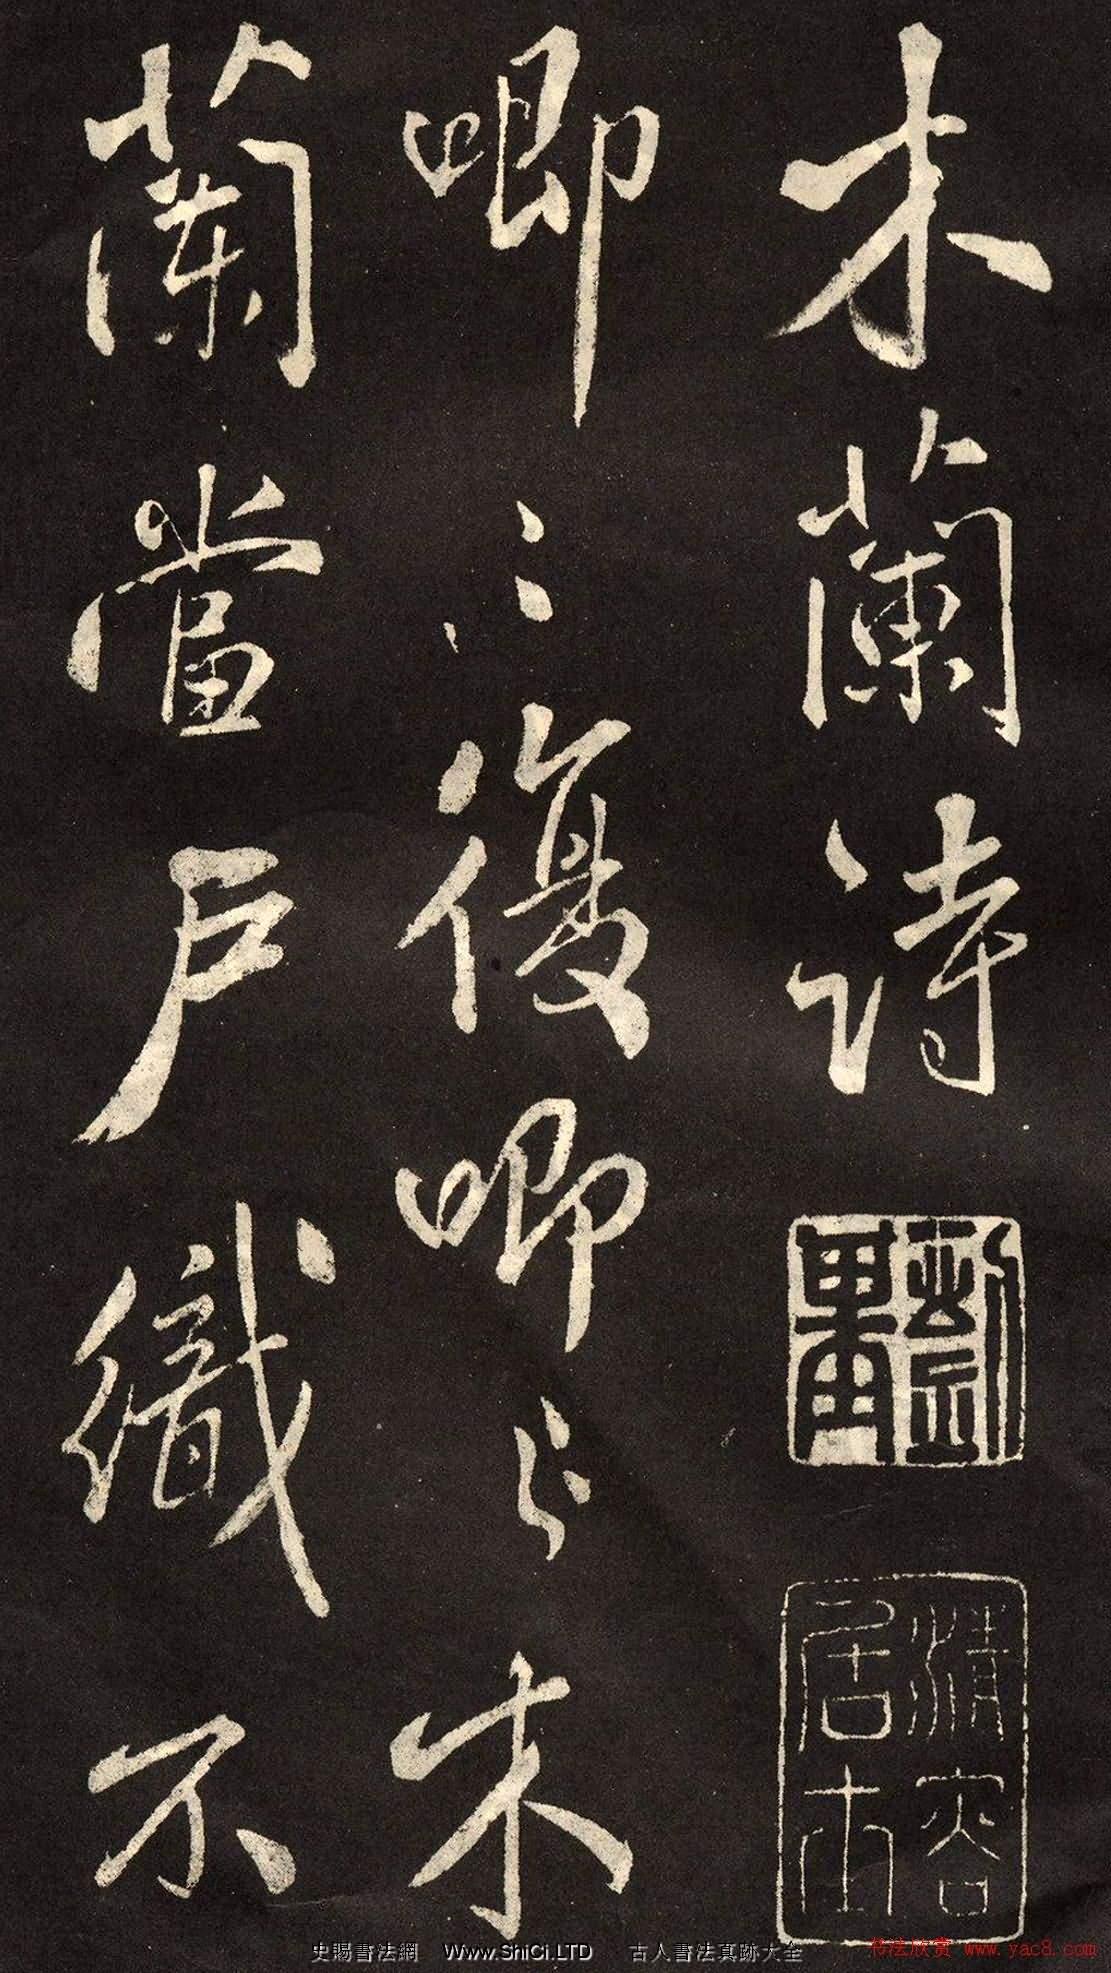 米芾書法真跡欣賞《木蘭詩》大圖20P(共20張圖片)